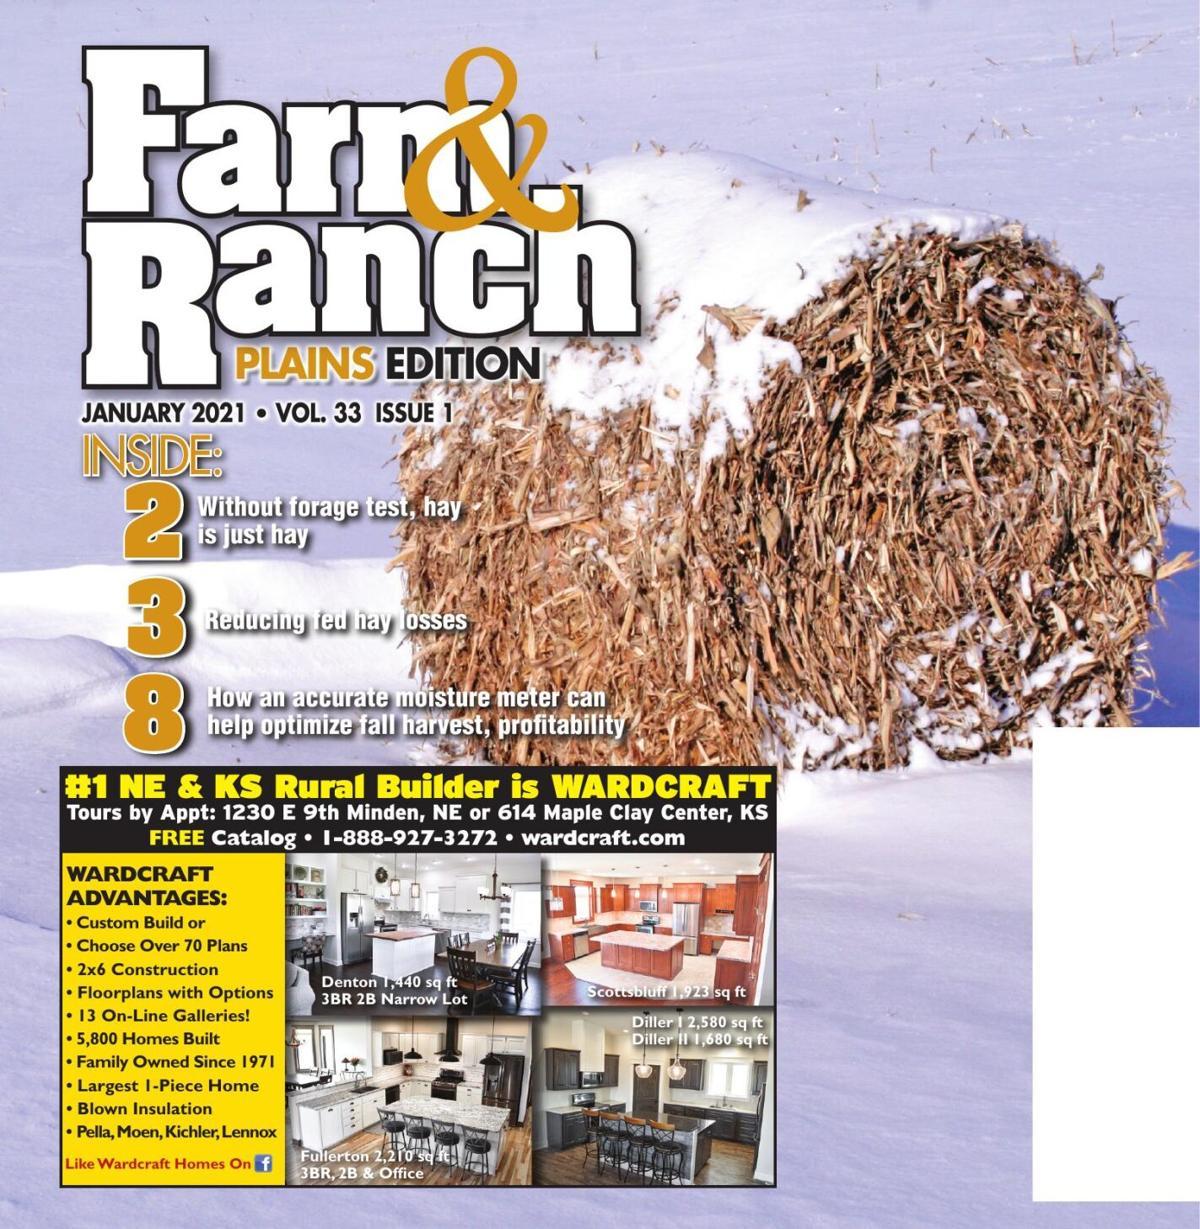 Farm & Ranch Plains Edition January 2021